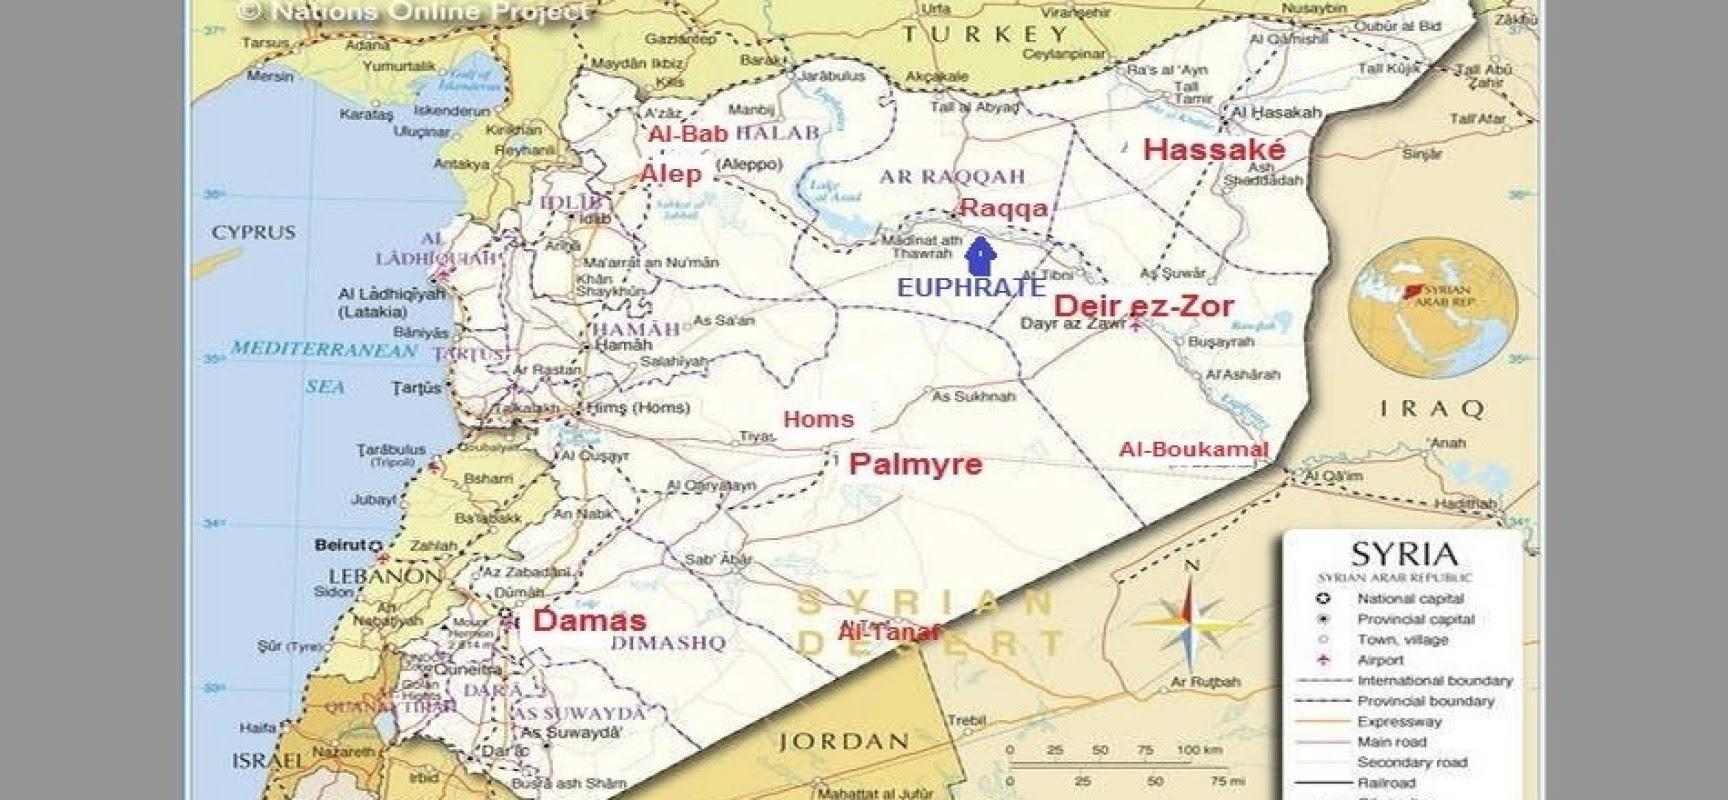 Syrie : Les raisons de l'hystérie américano-saoudienne